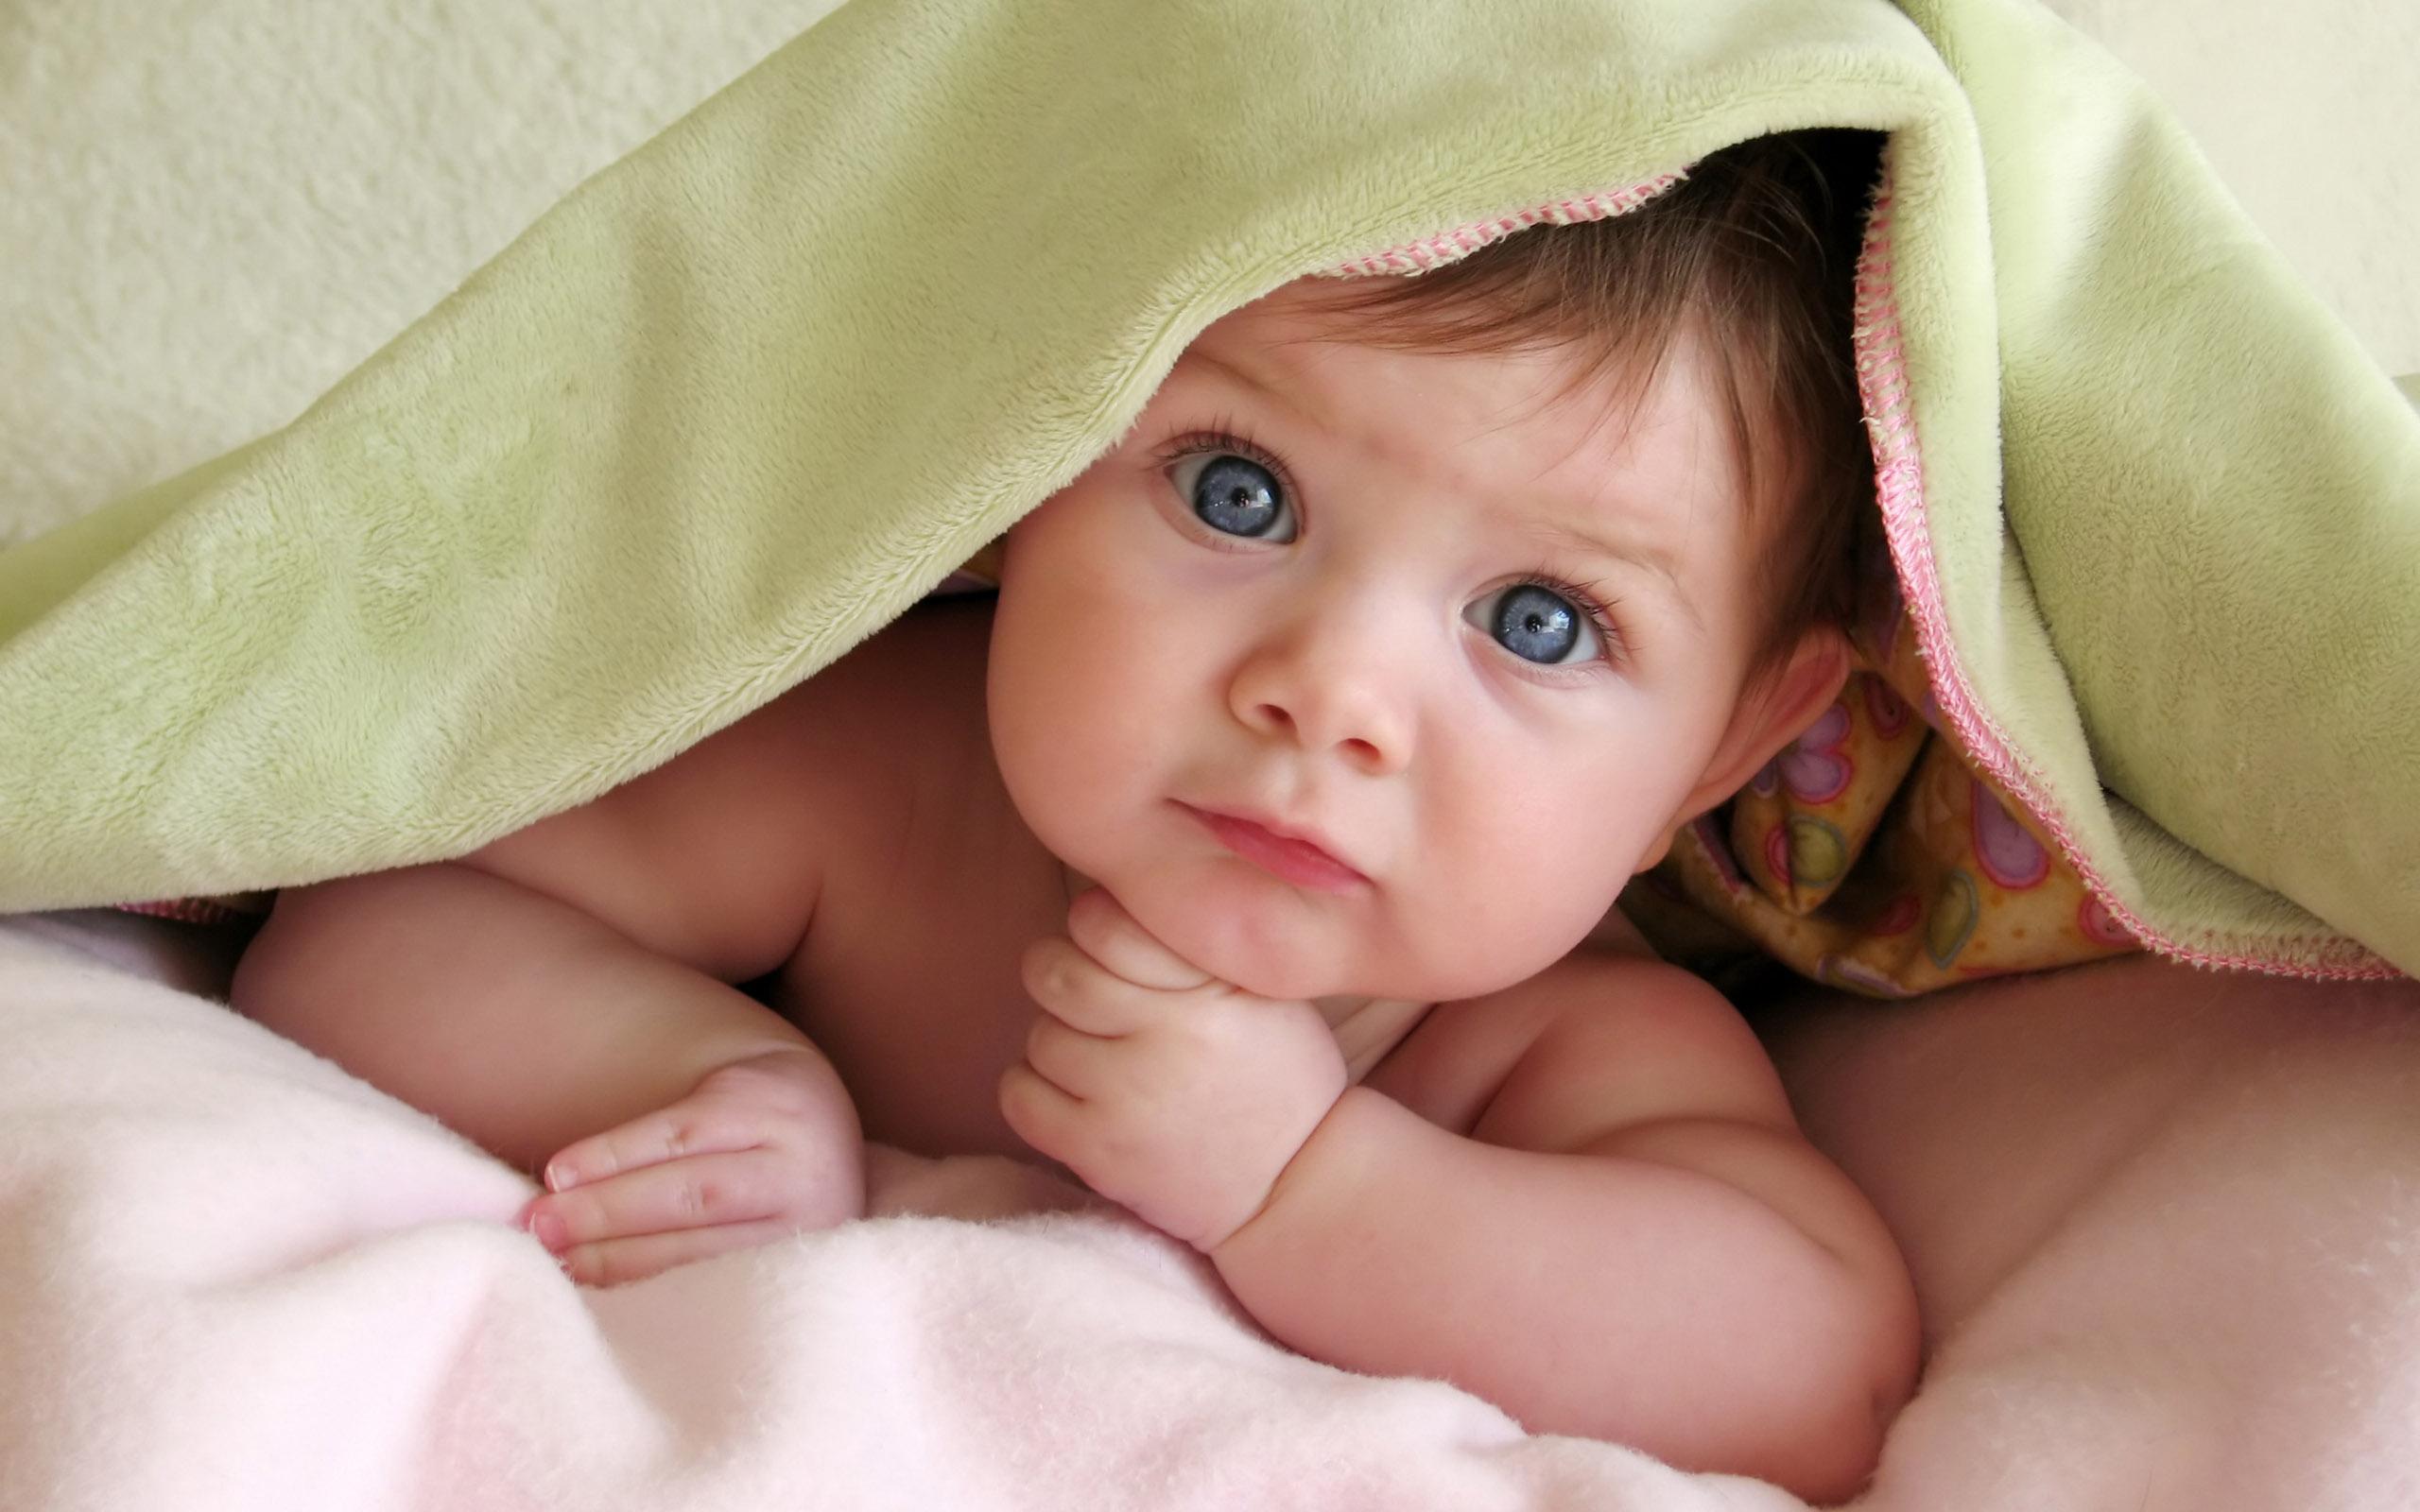 Un lindo bebe - 2560x1600